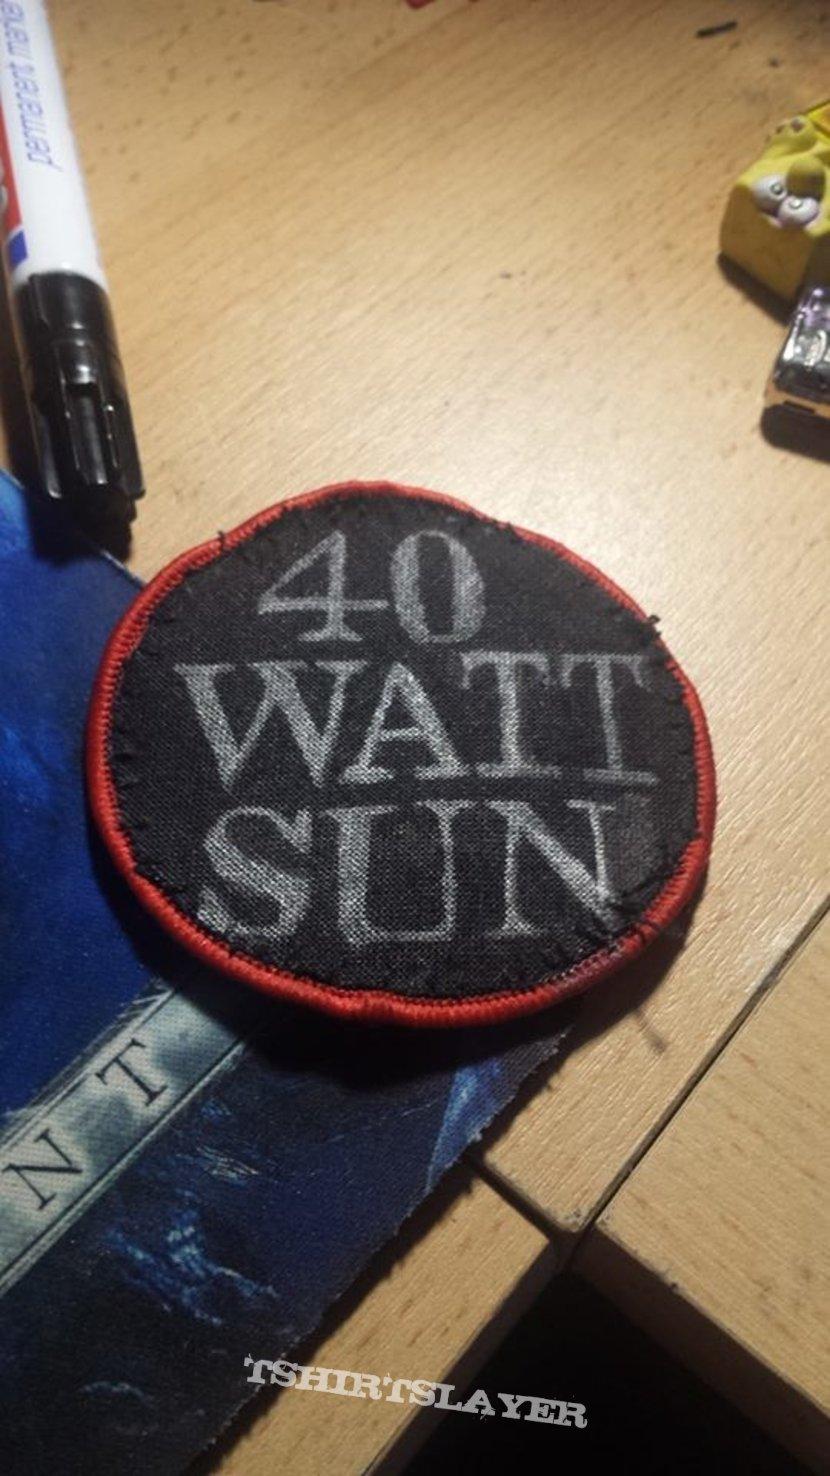 40 Watt Sun - Logo Patch (Handmade)